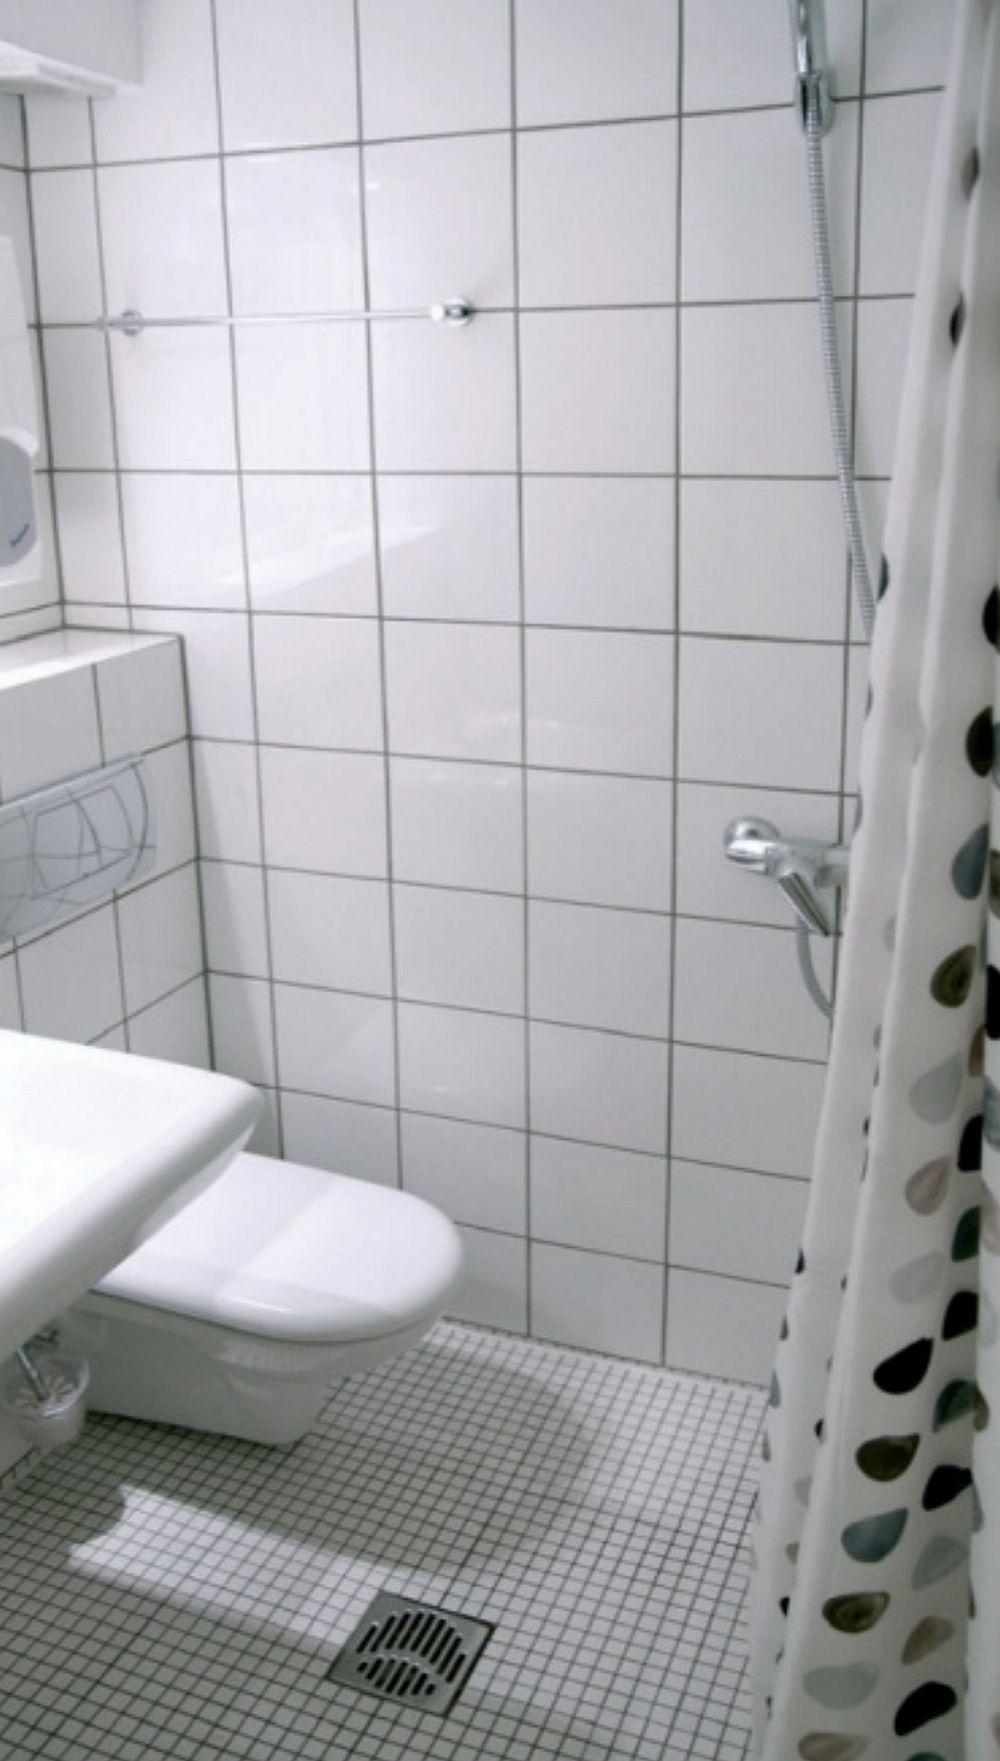 Baia este un spațiu mic, complet îmbrăcat cu plăci ceramice având în vedere că zona de duș nu este marcat cu o cabină și pur și simplu este separată cu o draperie. De aceea, scurgerea pentru apă este pe mijlocul spațiului iar plăcile ceramice asigură protecție împotriva apei. O cameră mică, dar excelent organizată pentru traiul unui tânăr cu o viață dinamică. Sper să te inspire și pe tine!